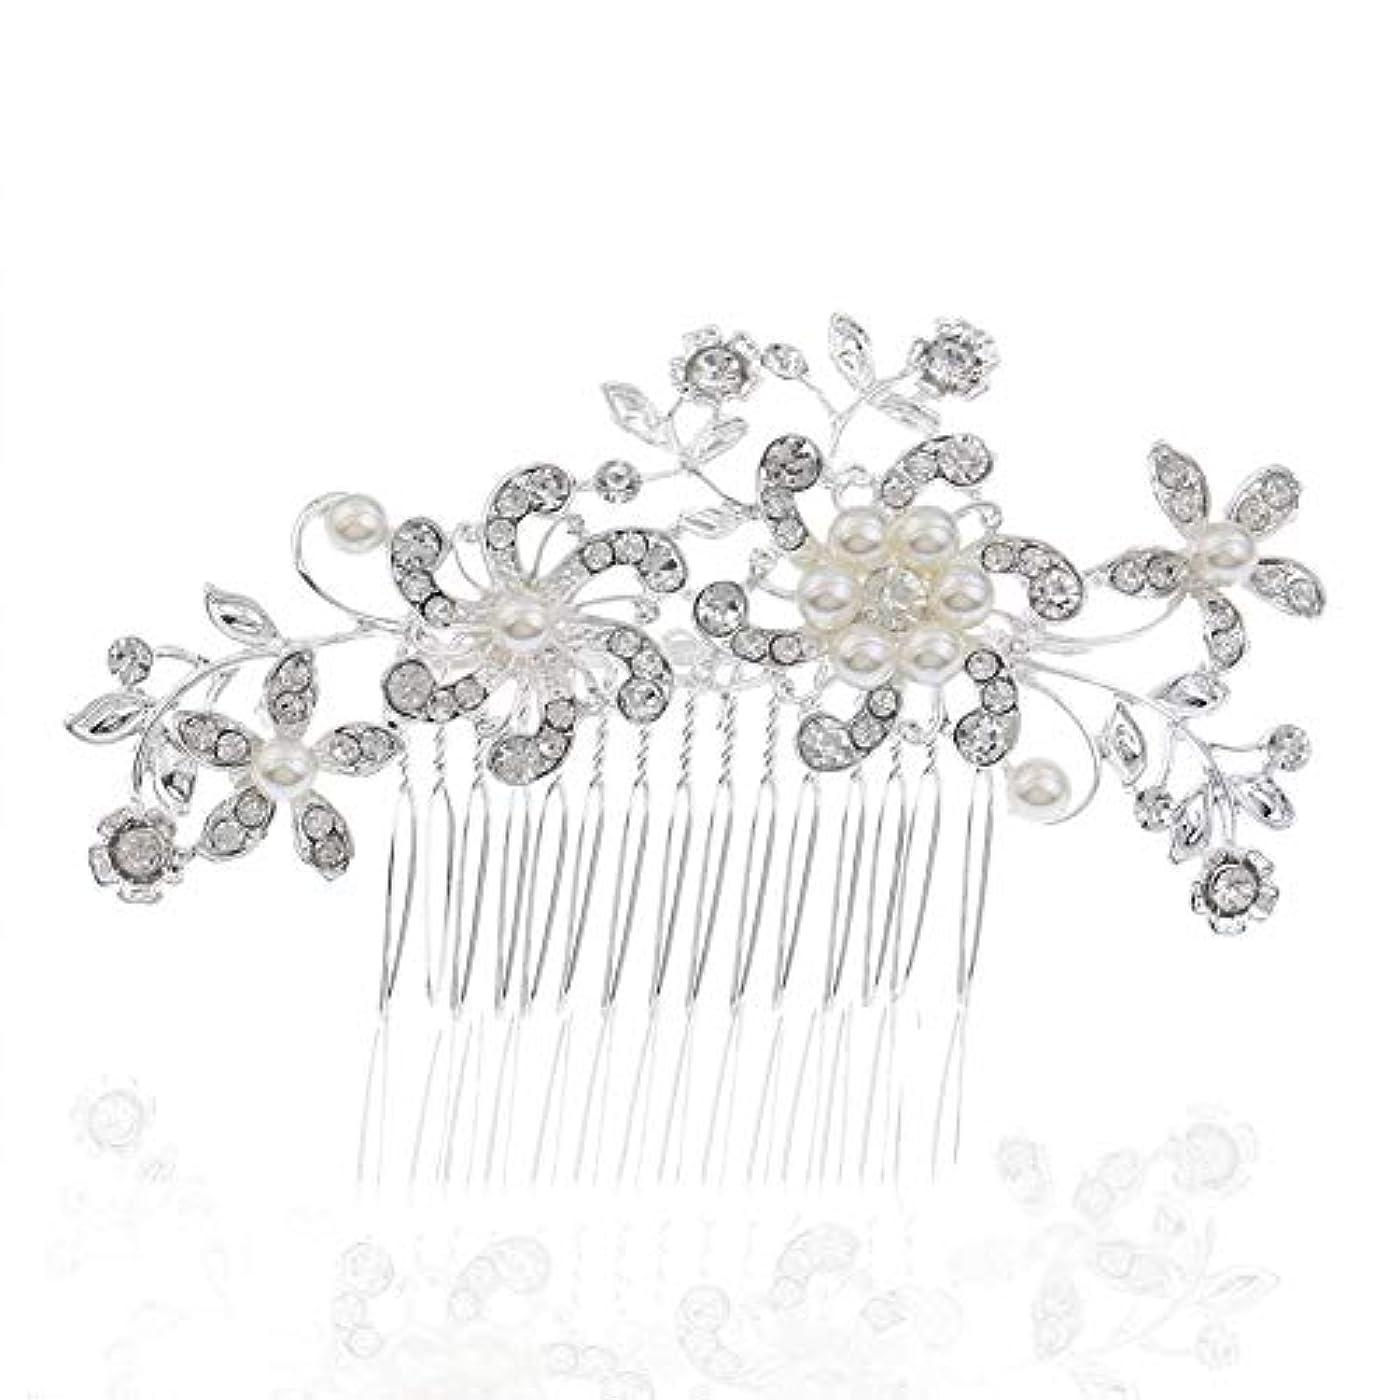 黒板和らげる違うOnior ブライダル 新婦 頭飾り 模造花 ラインストーン 真珠 ヘアピン ヘアクリップ 櫛 ジュエリー ウェディング 結婚式アクセサリー